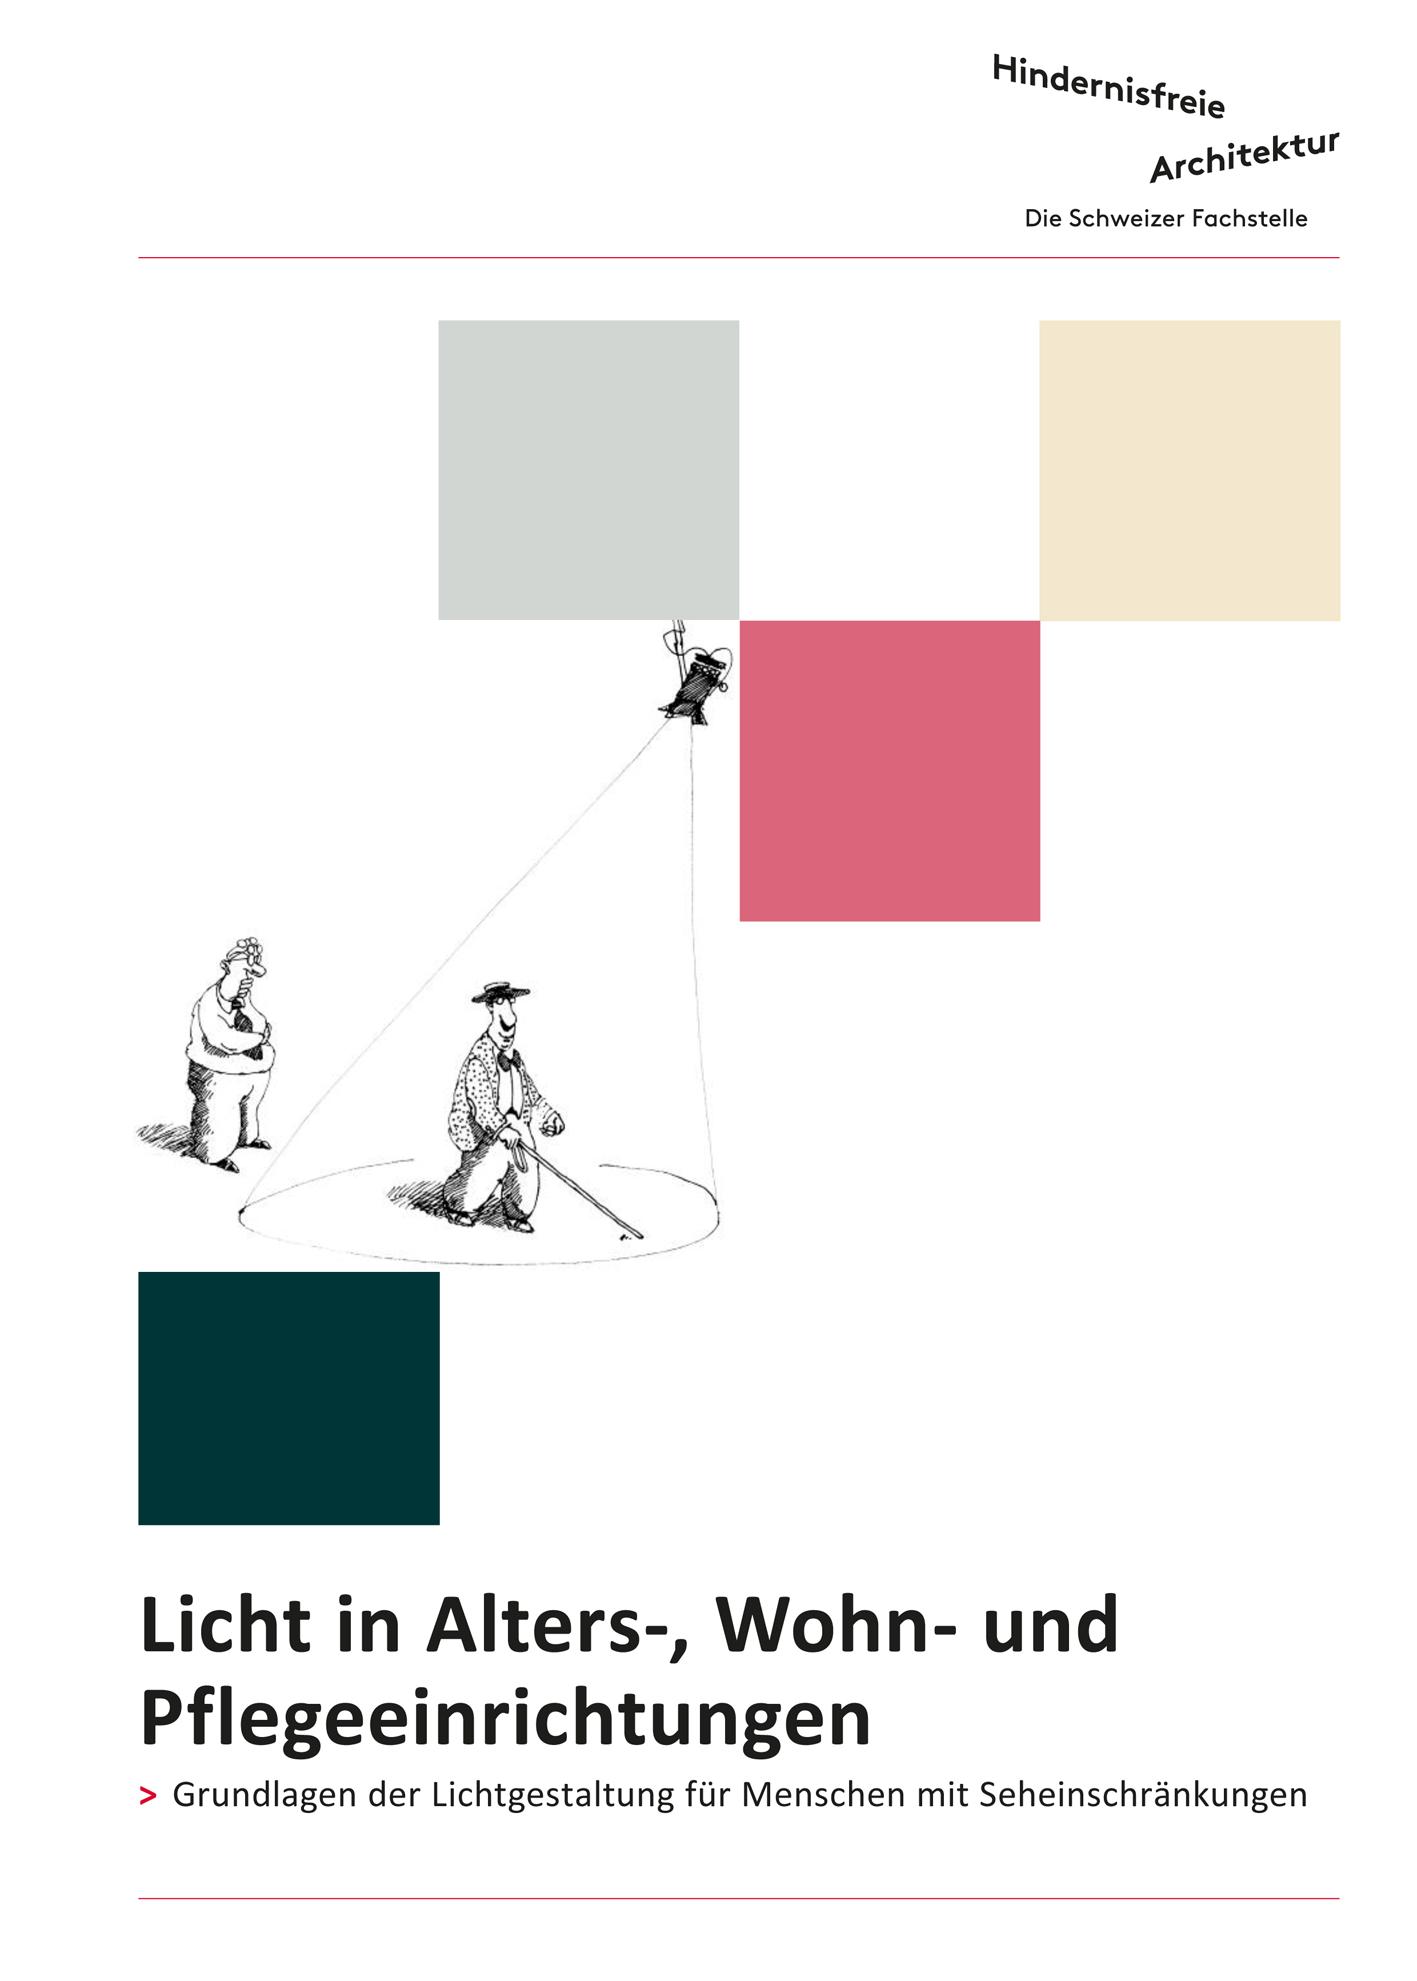 Titelbild Richtlinien Licht in Alters-, Wohn- und Pflegeeinrichtunge